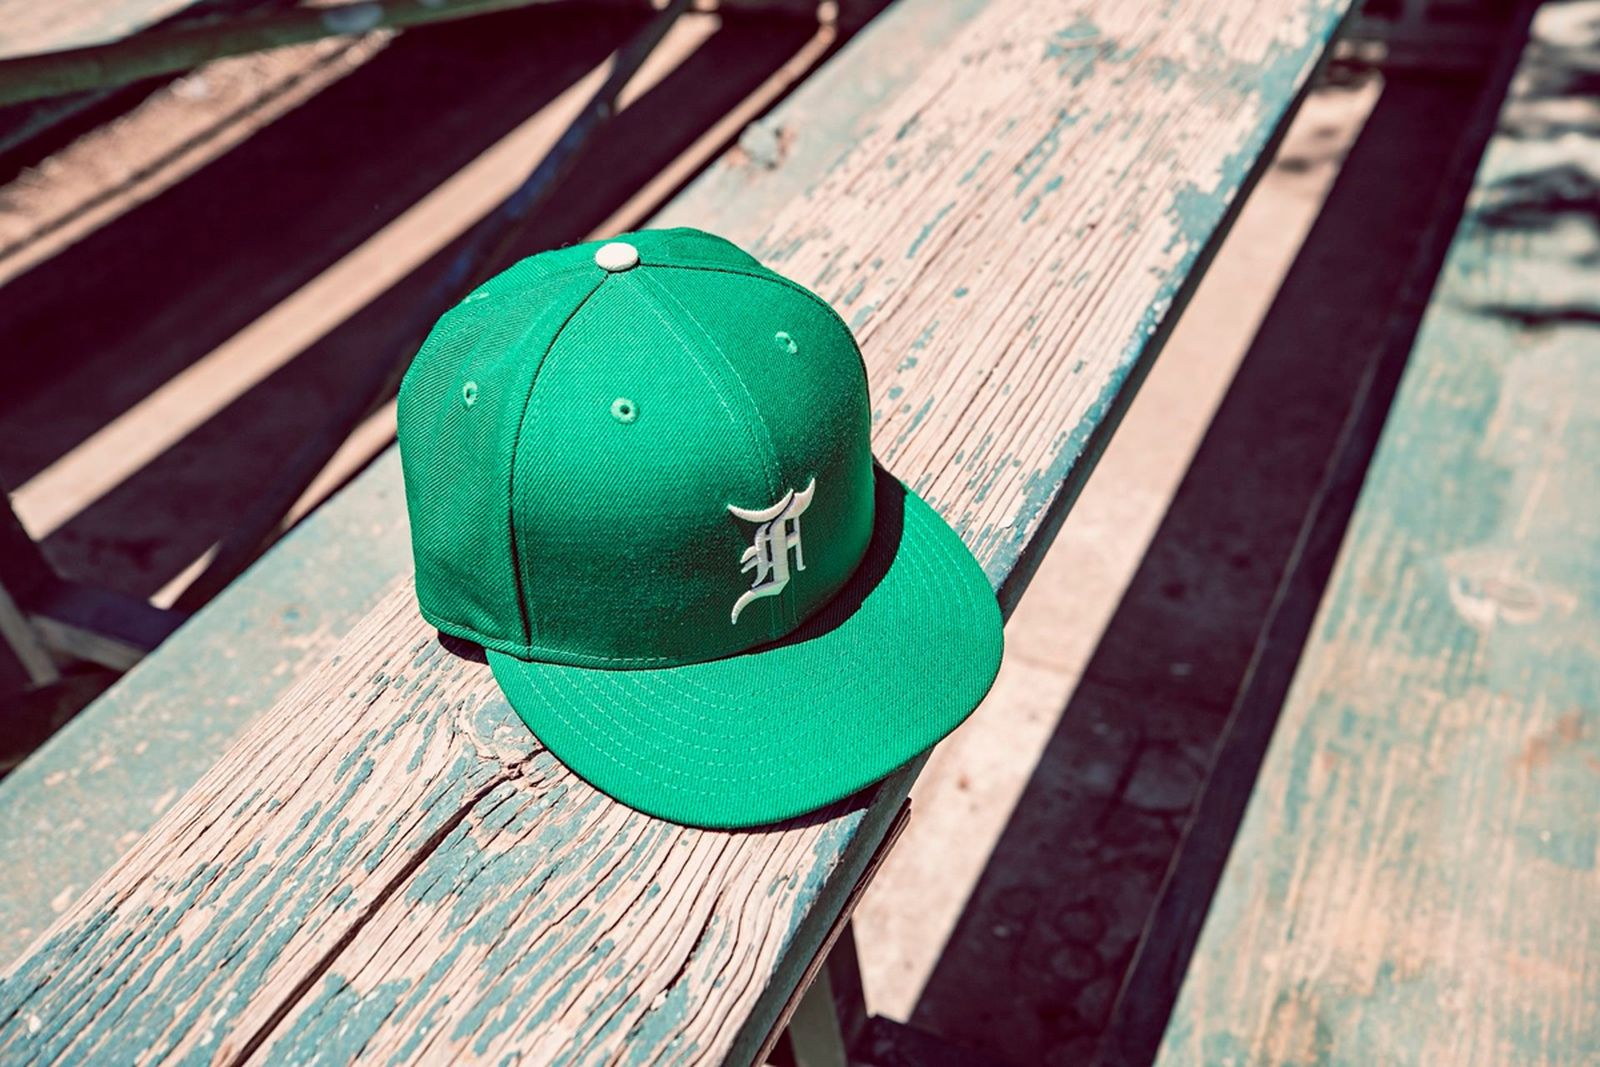 fear-of-god-new-era-essential-hat-collab-(1)